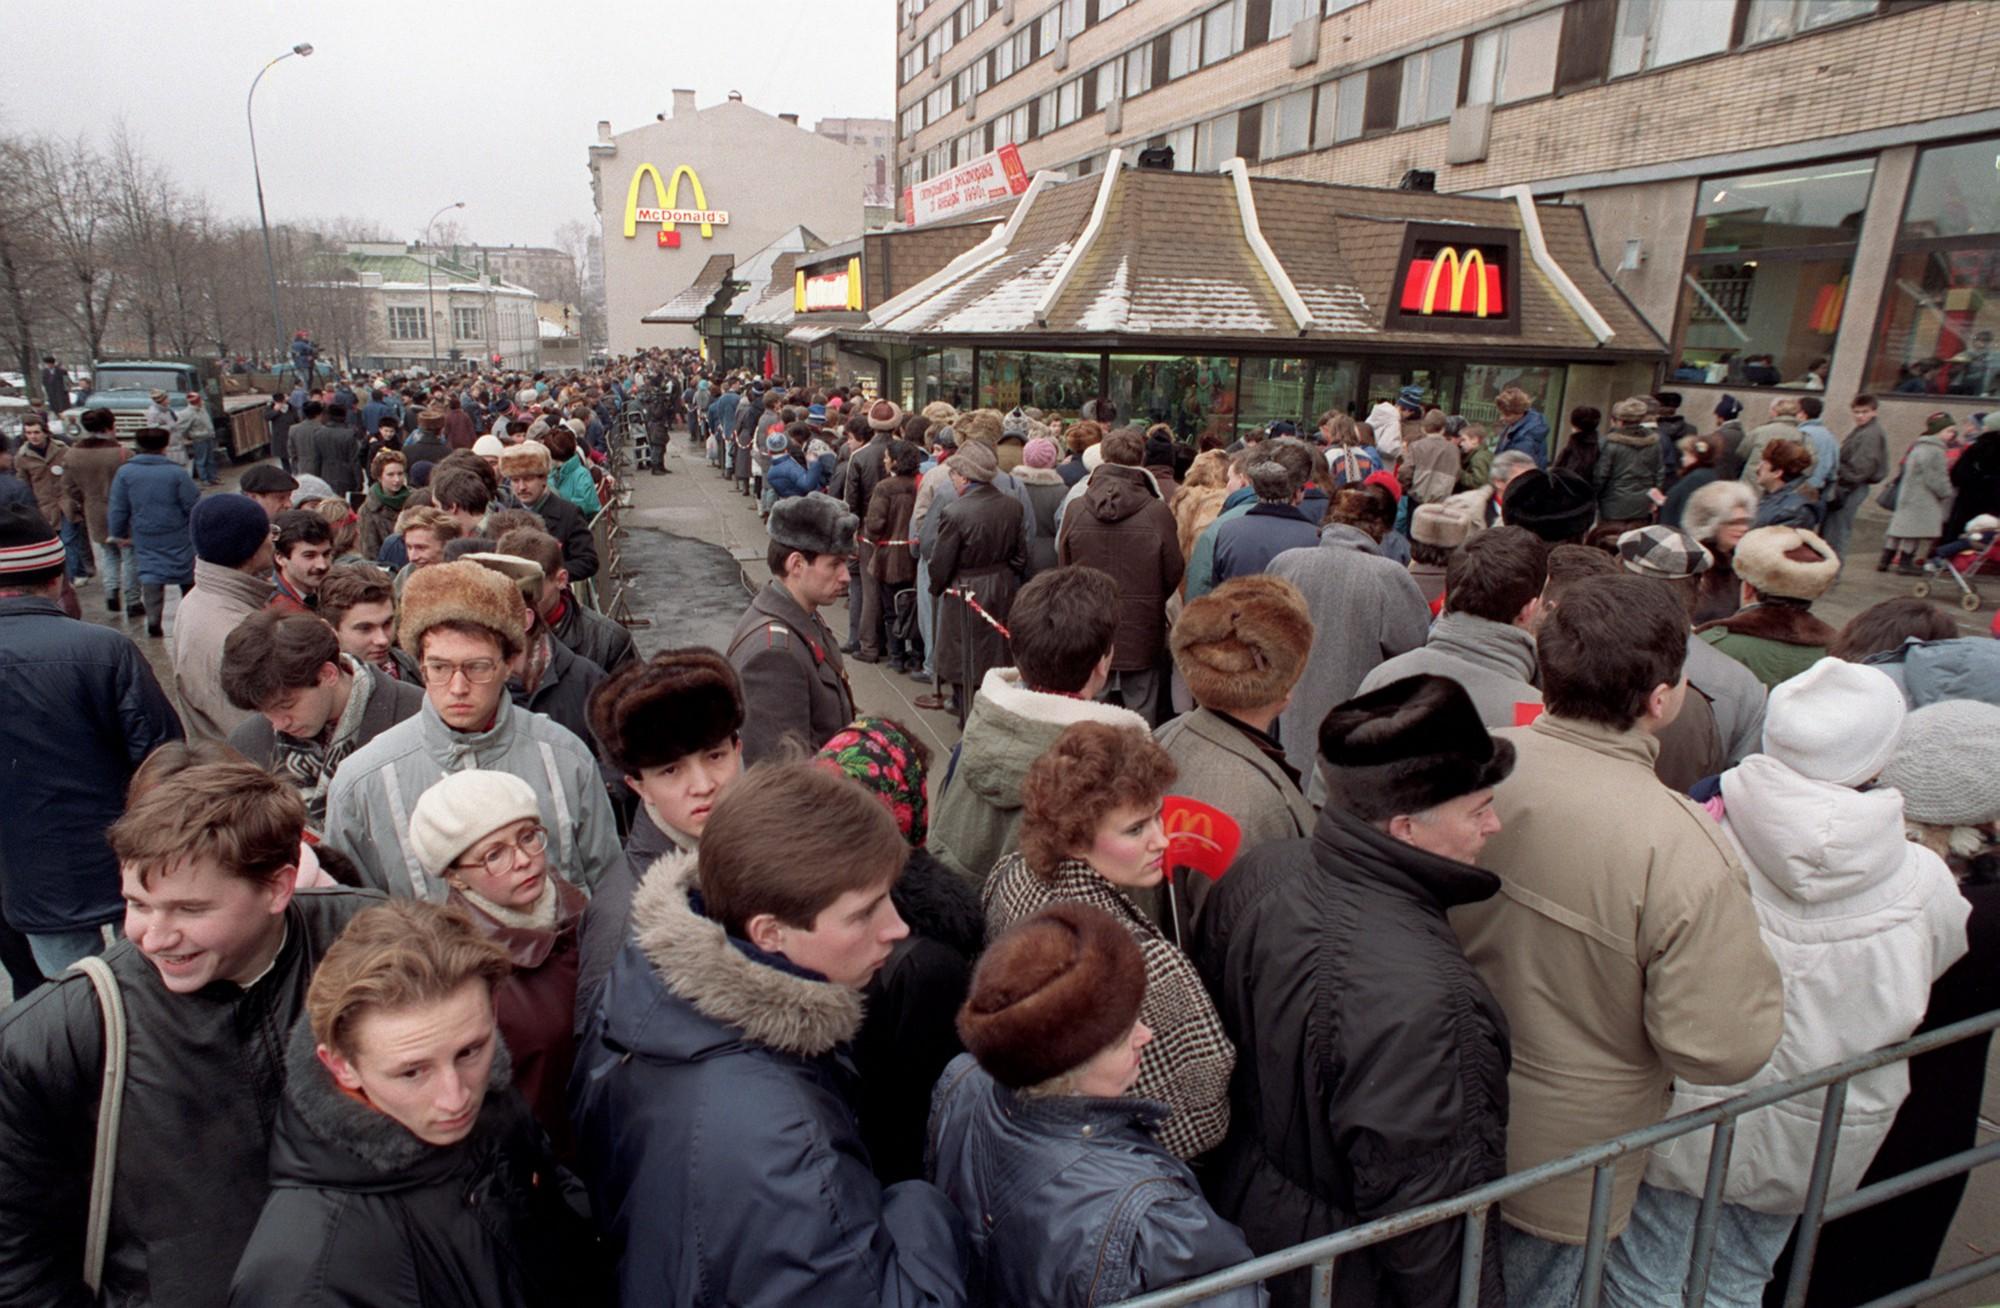 1990. Сотни москвичей выстраиваются вокруг первого ресторана Макдоналдс в Советском Союзе в день открытия, в среду, 31 января